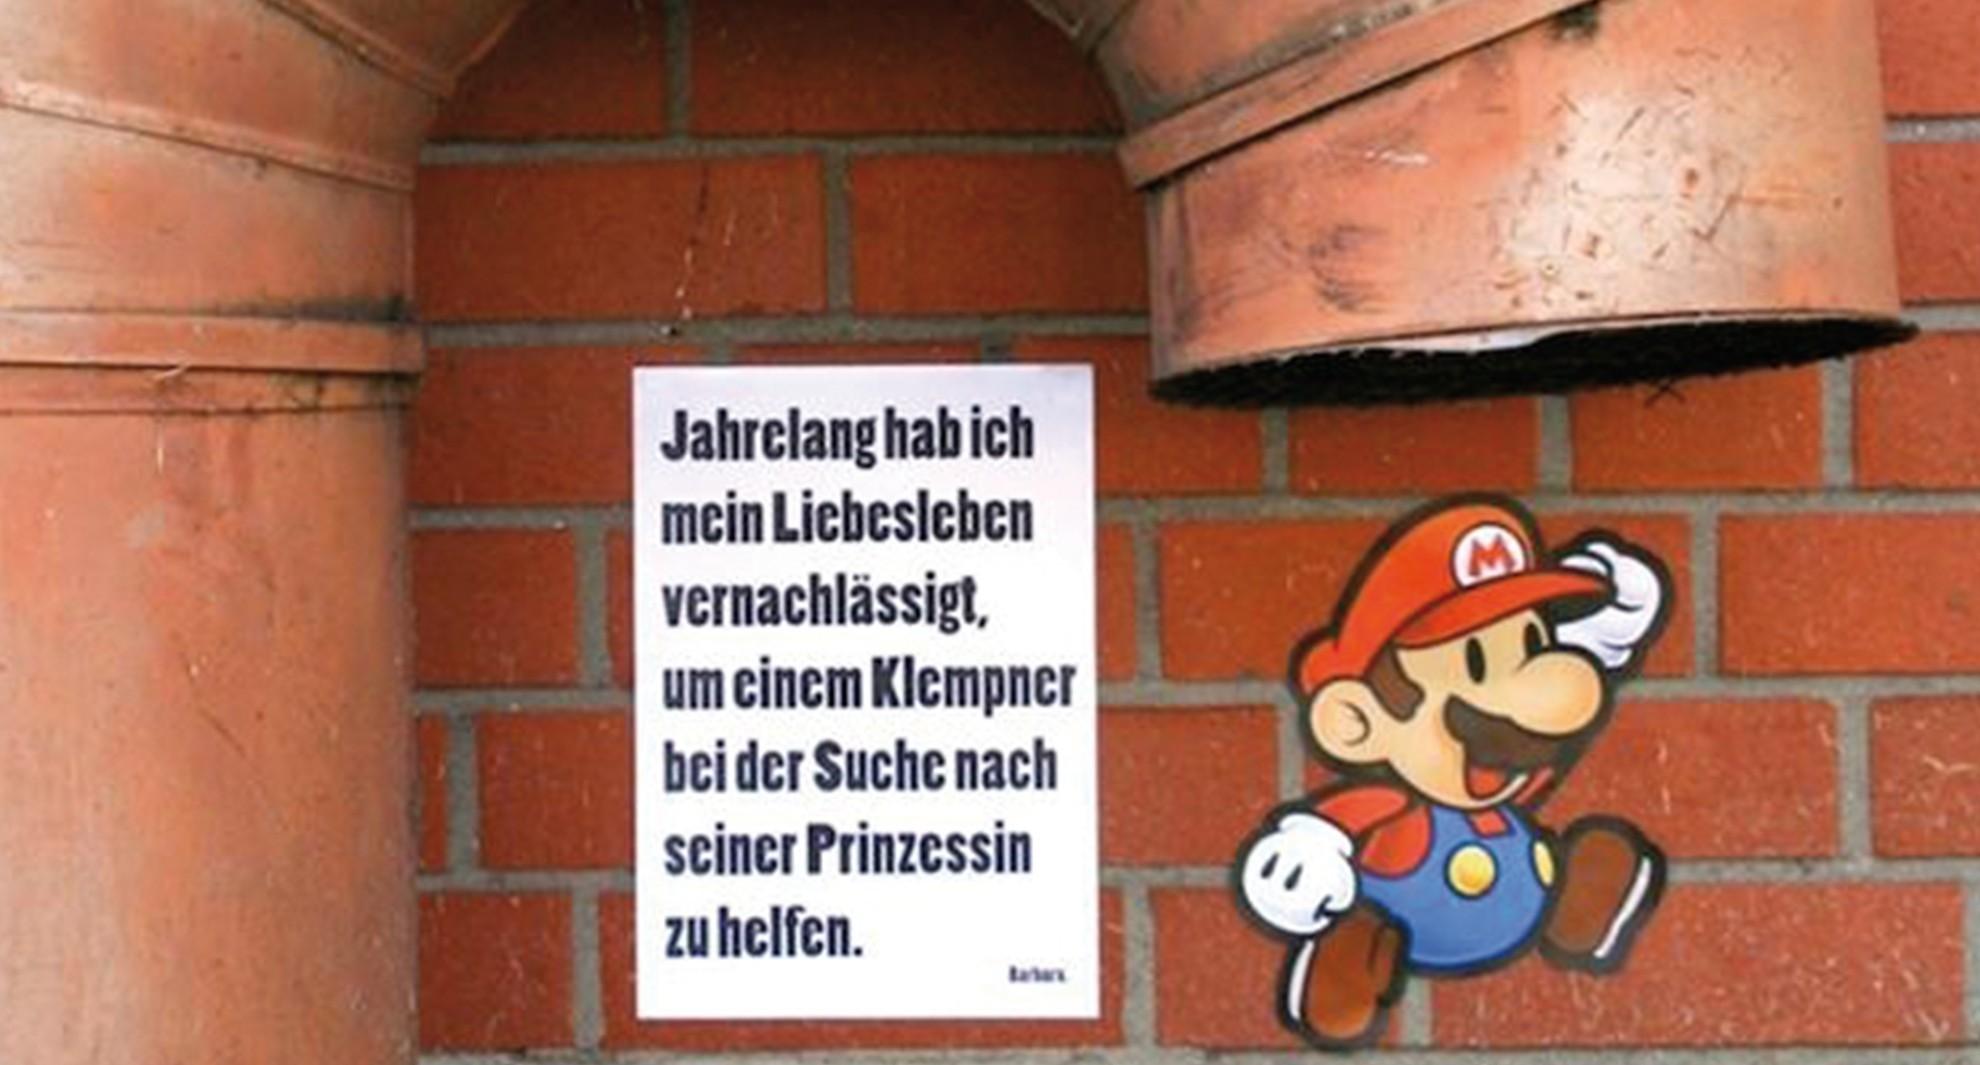 """""""Jahrelang hab ich mein Liebesleben vernachlässigt, um einem Klempner bei der Suche nach seiner Prinzessin zu helfen."""" - Eines der eher unpolitsichen Plakate von Barbara."""